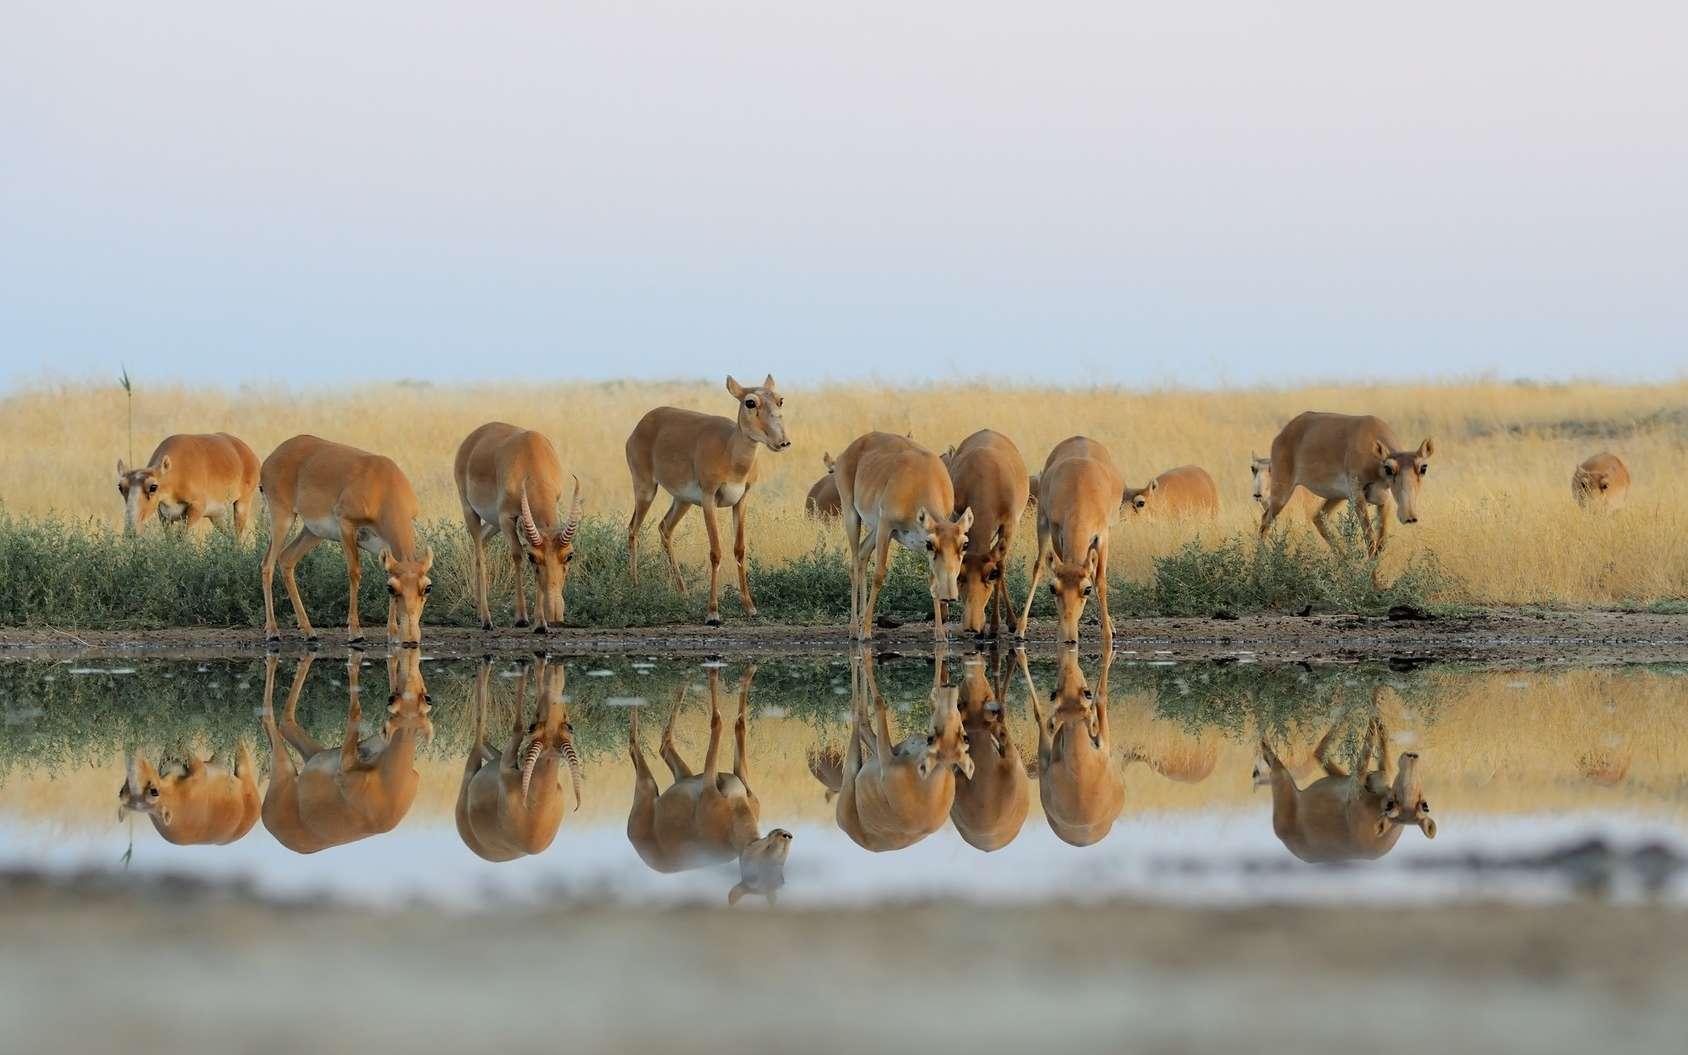 En 2015, 200.000 antilopes sont mortes au Kazakhstan. L'énigme est enfin résolue. © Victor Tyakht, Fotolia